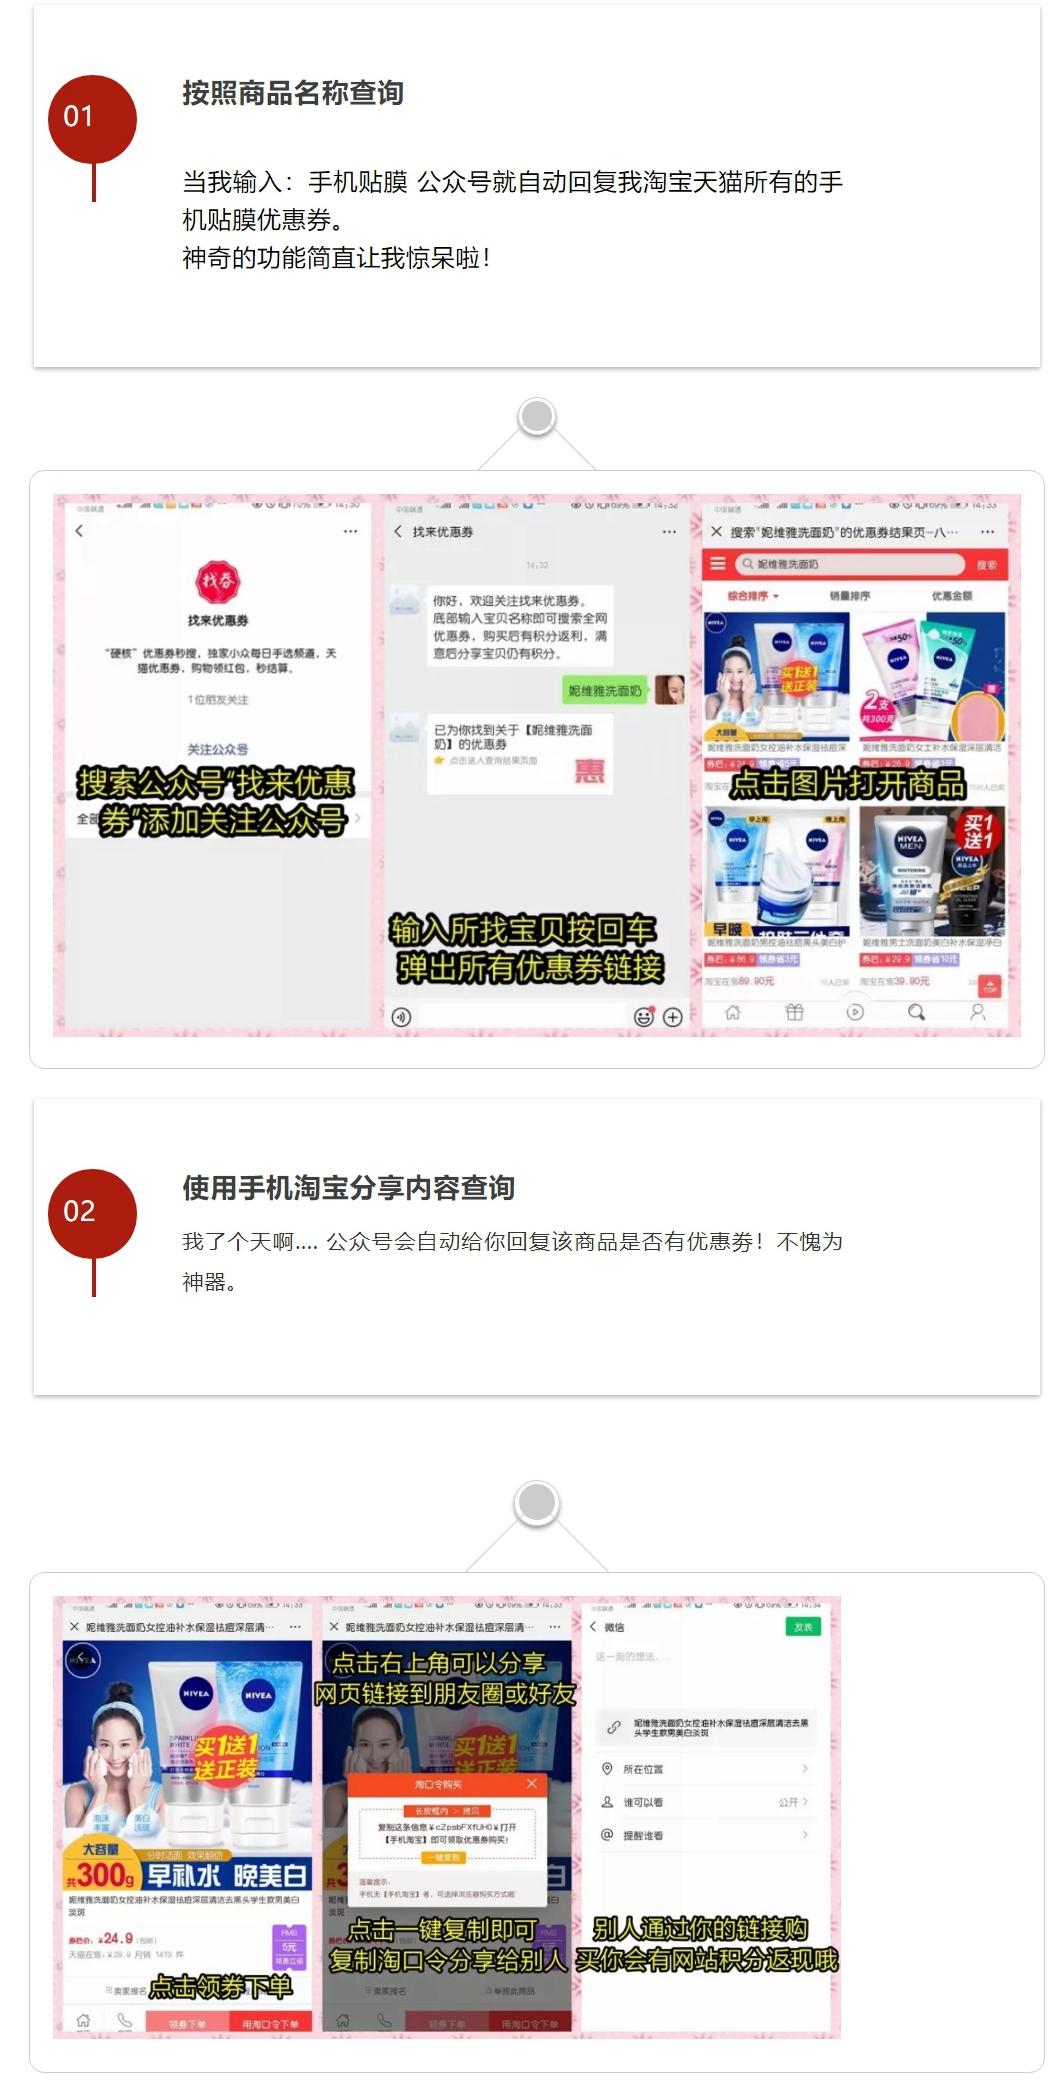 找来优惠券微信公众号功能介绍_副本.jpg